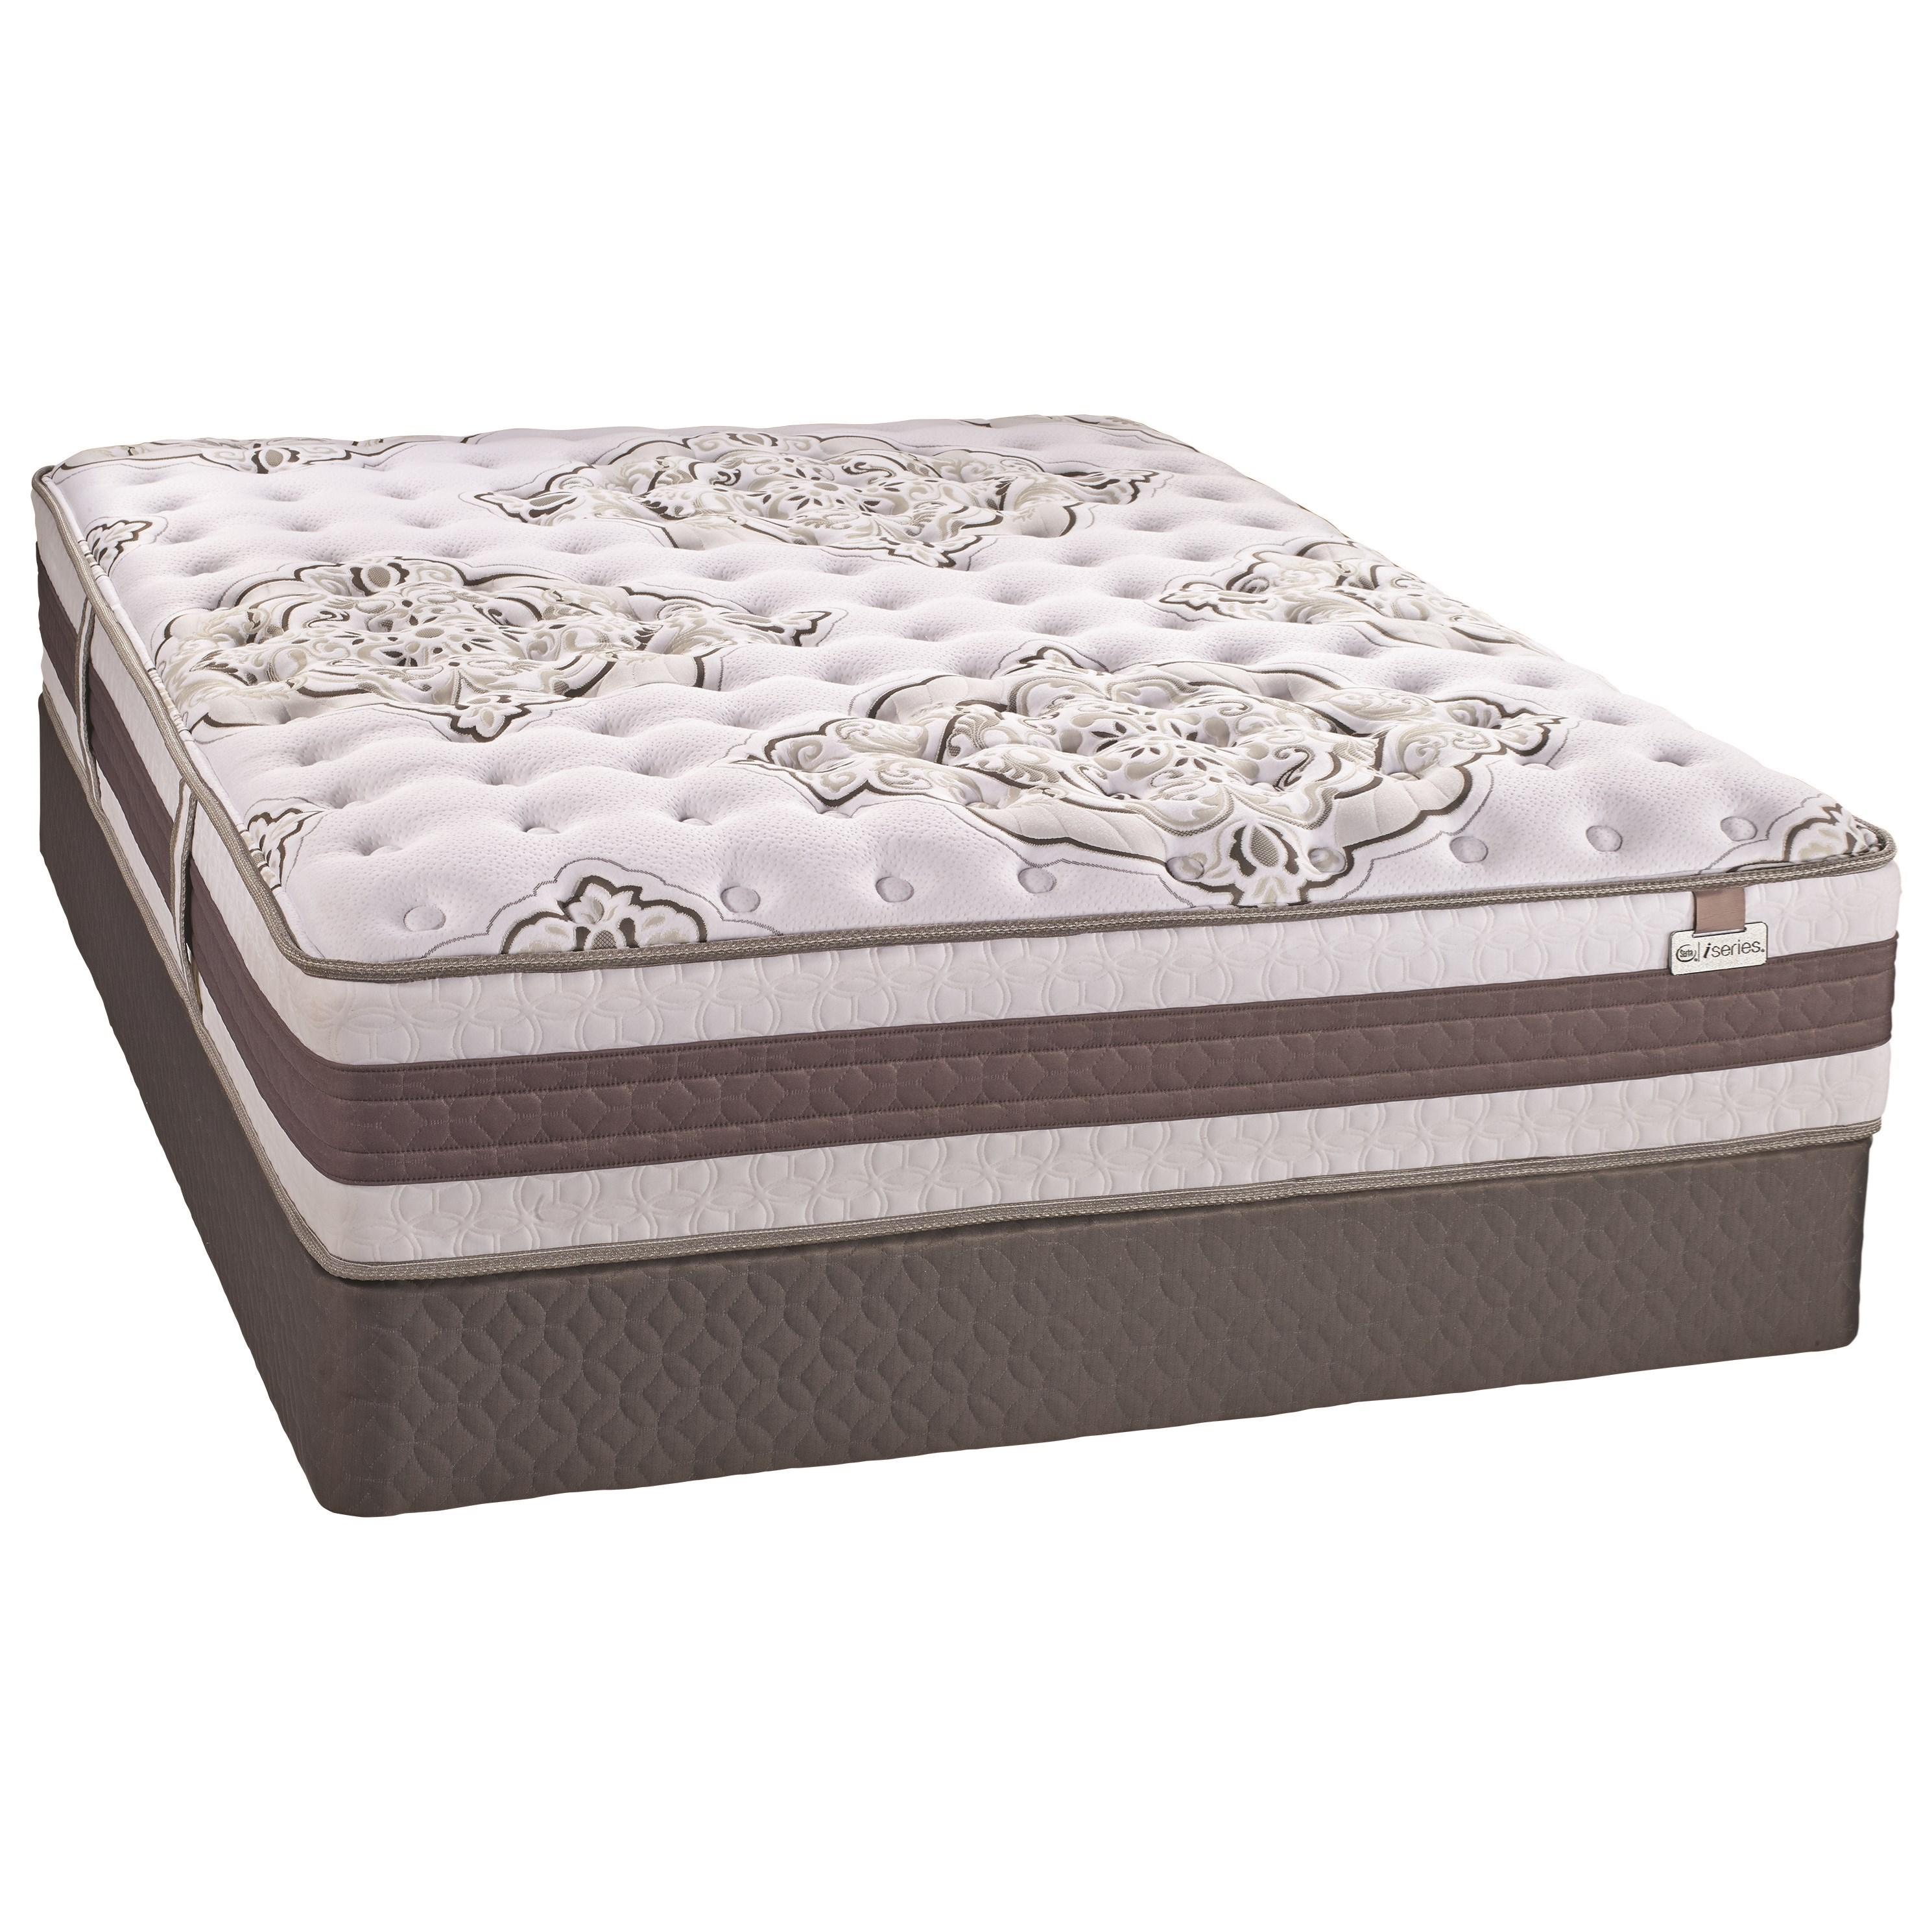 set outstanding full of beautysleep simmons mattress size top titus free pillow